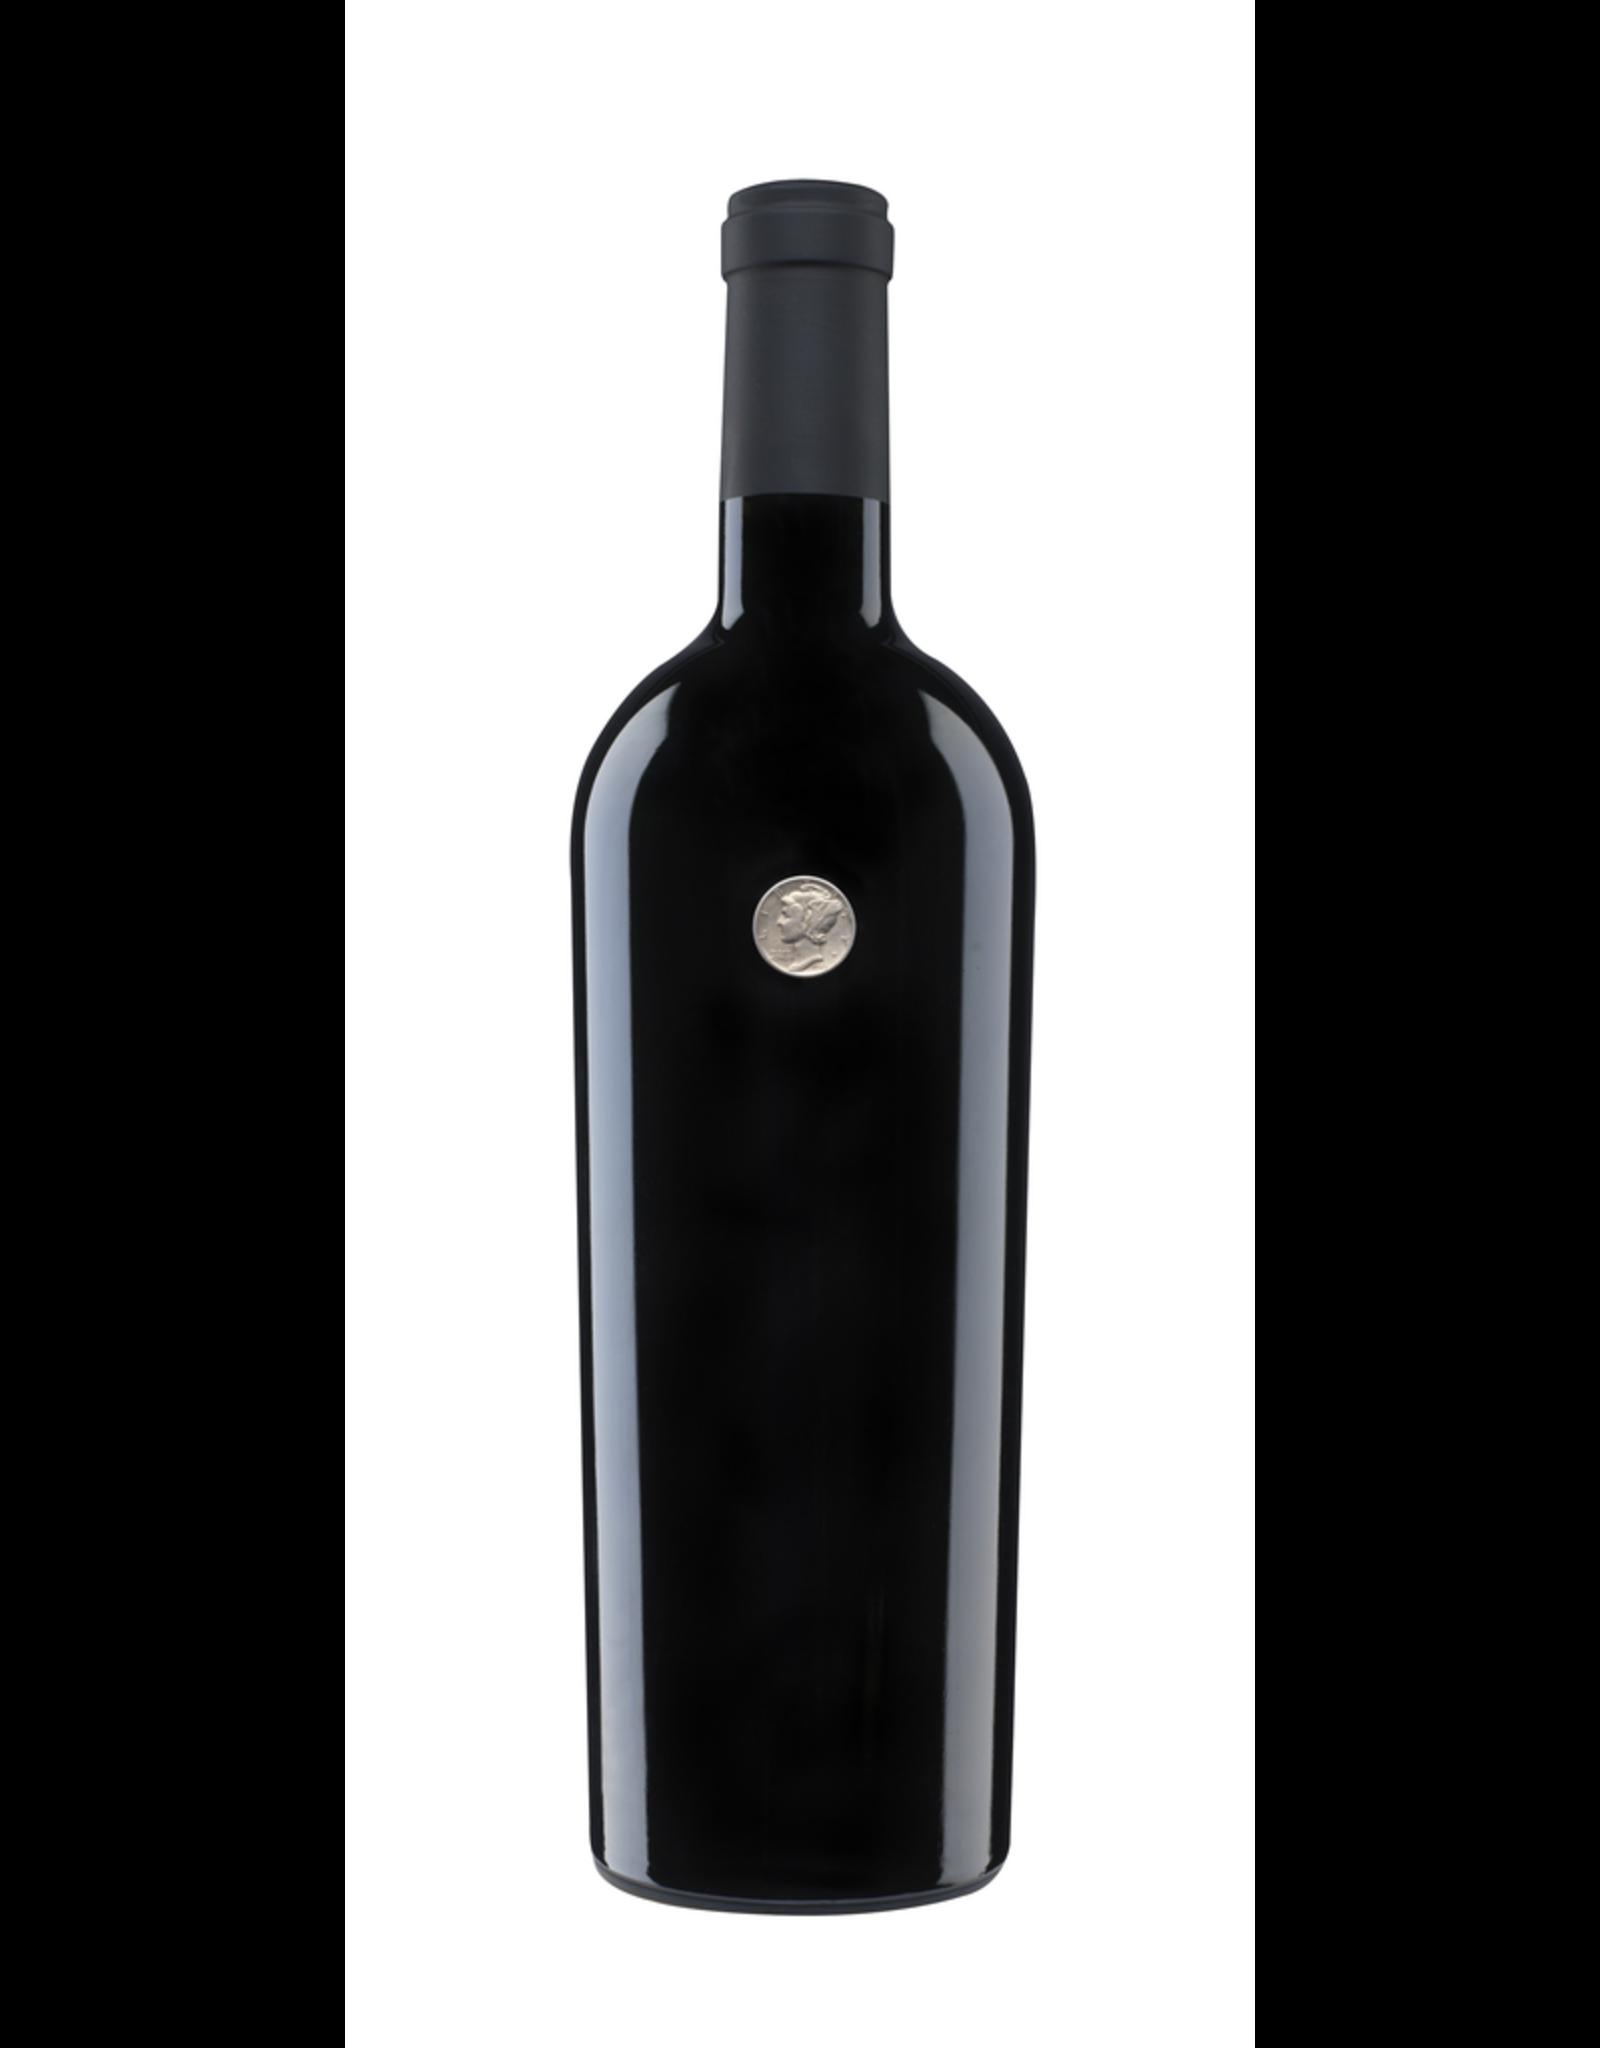 Red Wine 2017, Orin Swift Mercury Head, Cabernet Sauvignon, Multi-Regional Blend, Napa, California, 15.5% Alc, CTnr